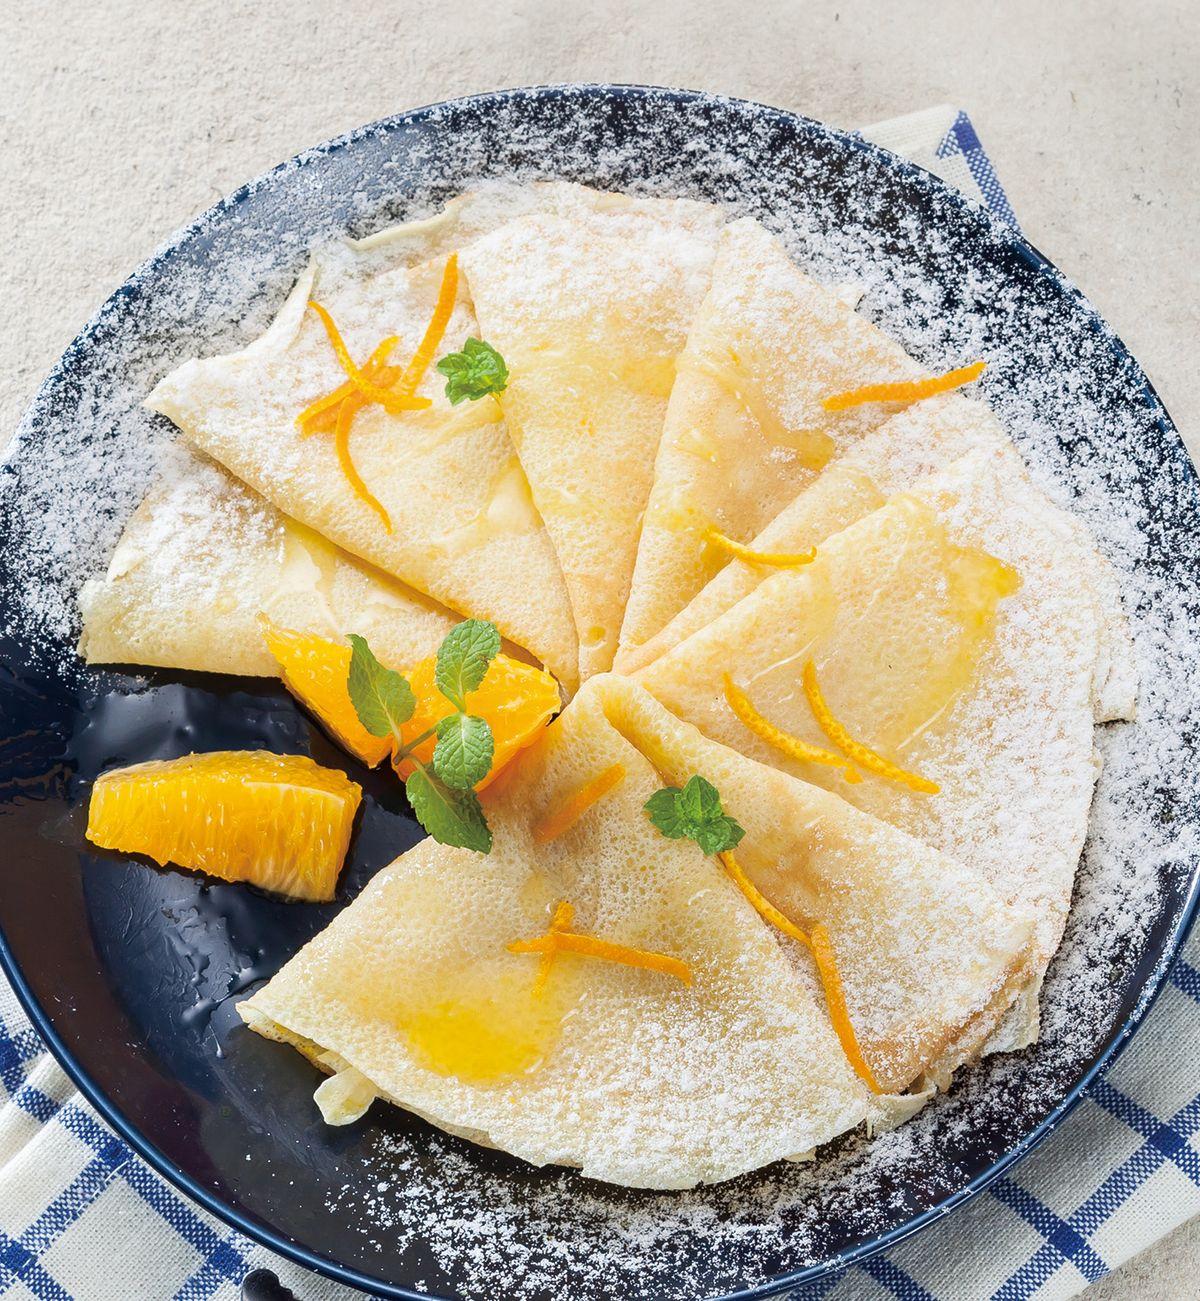 食譜:橙汁法式薄餅